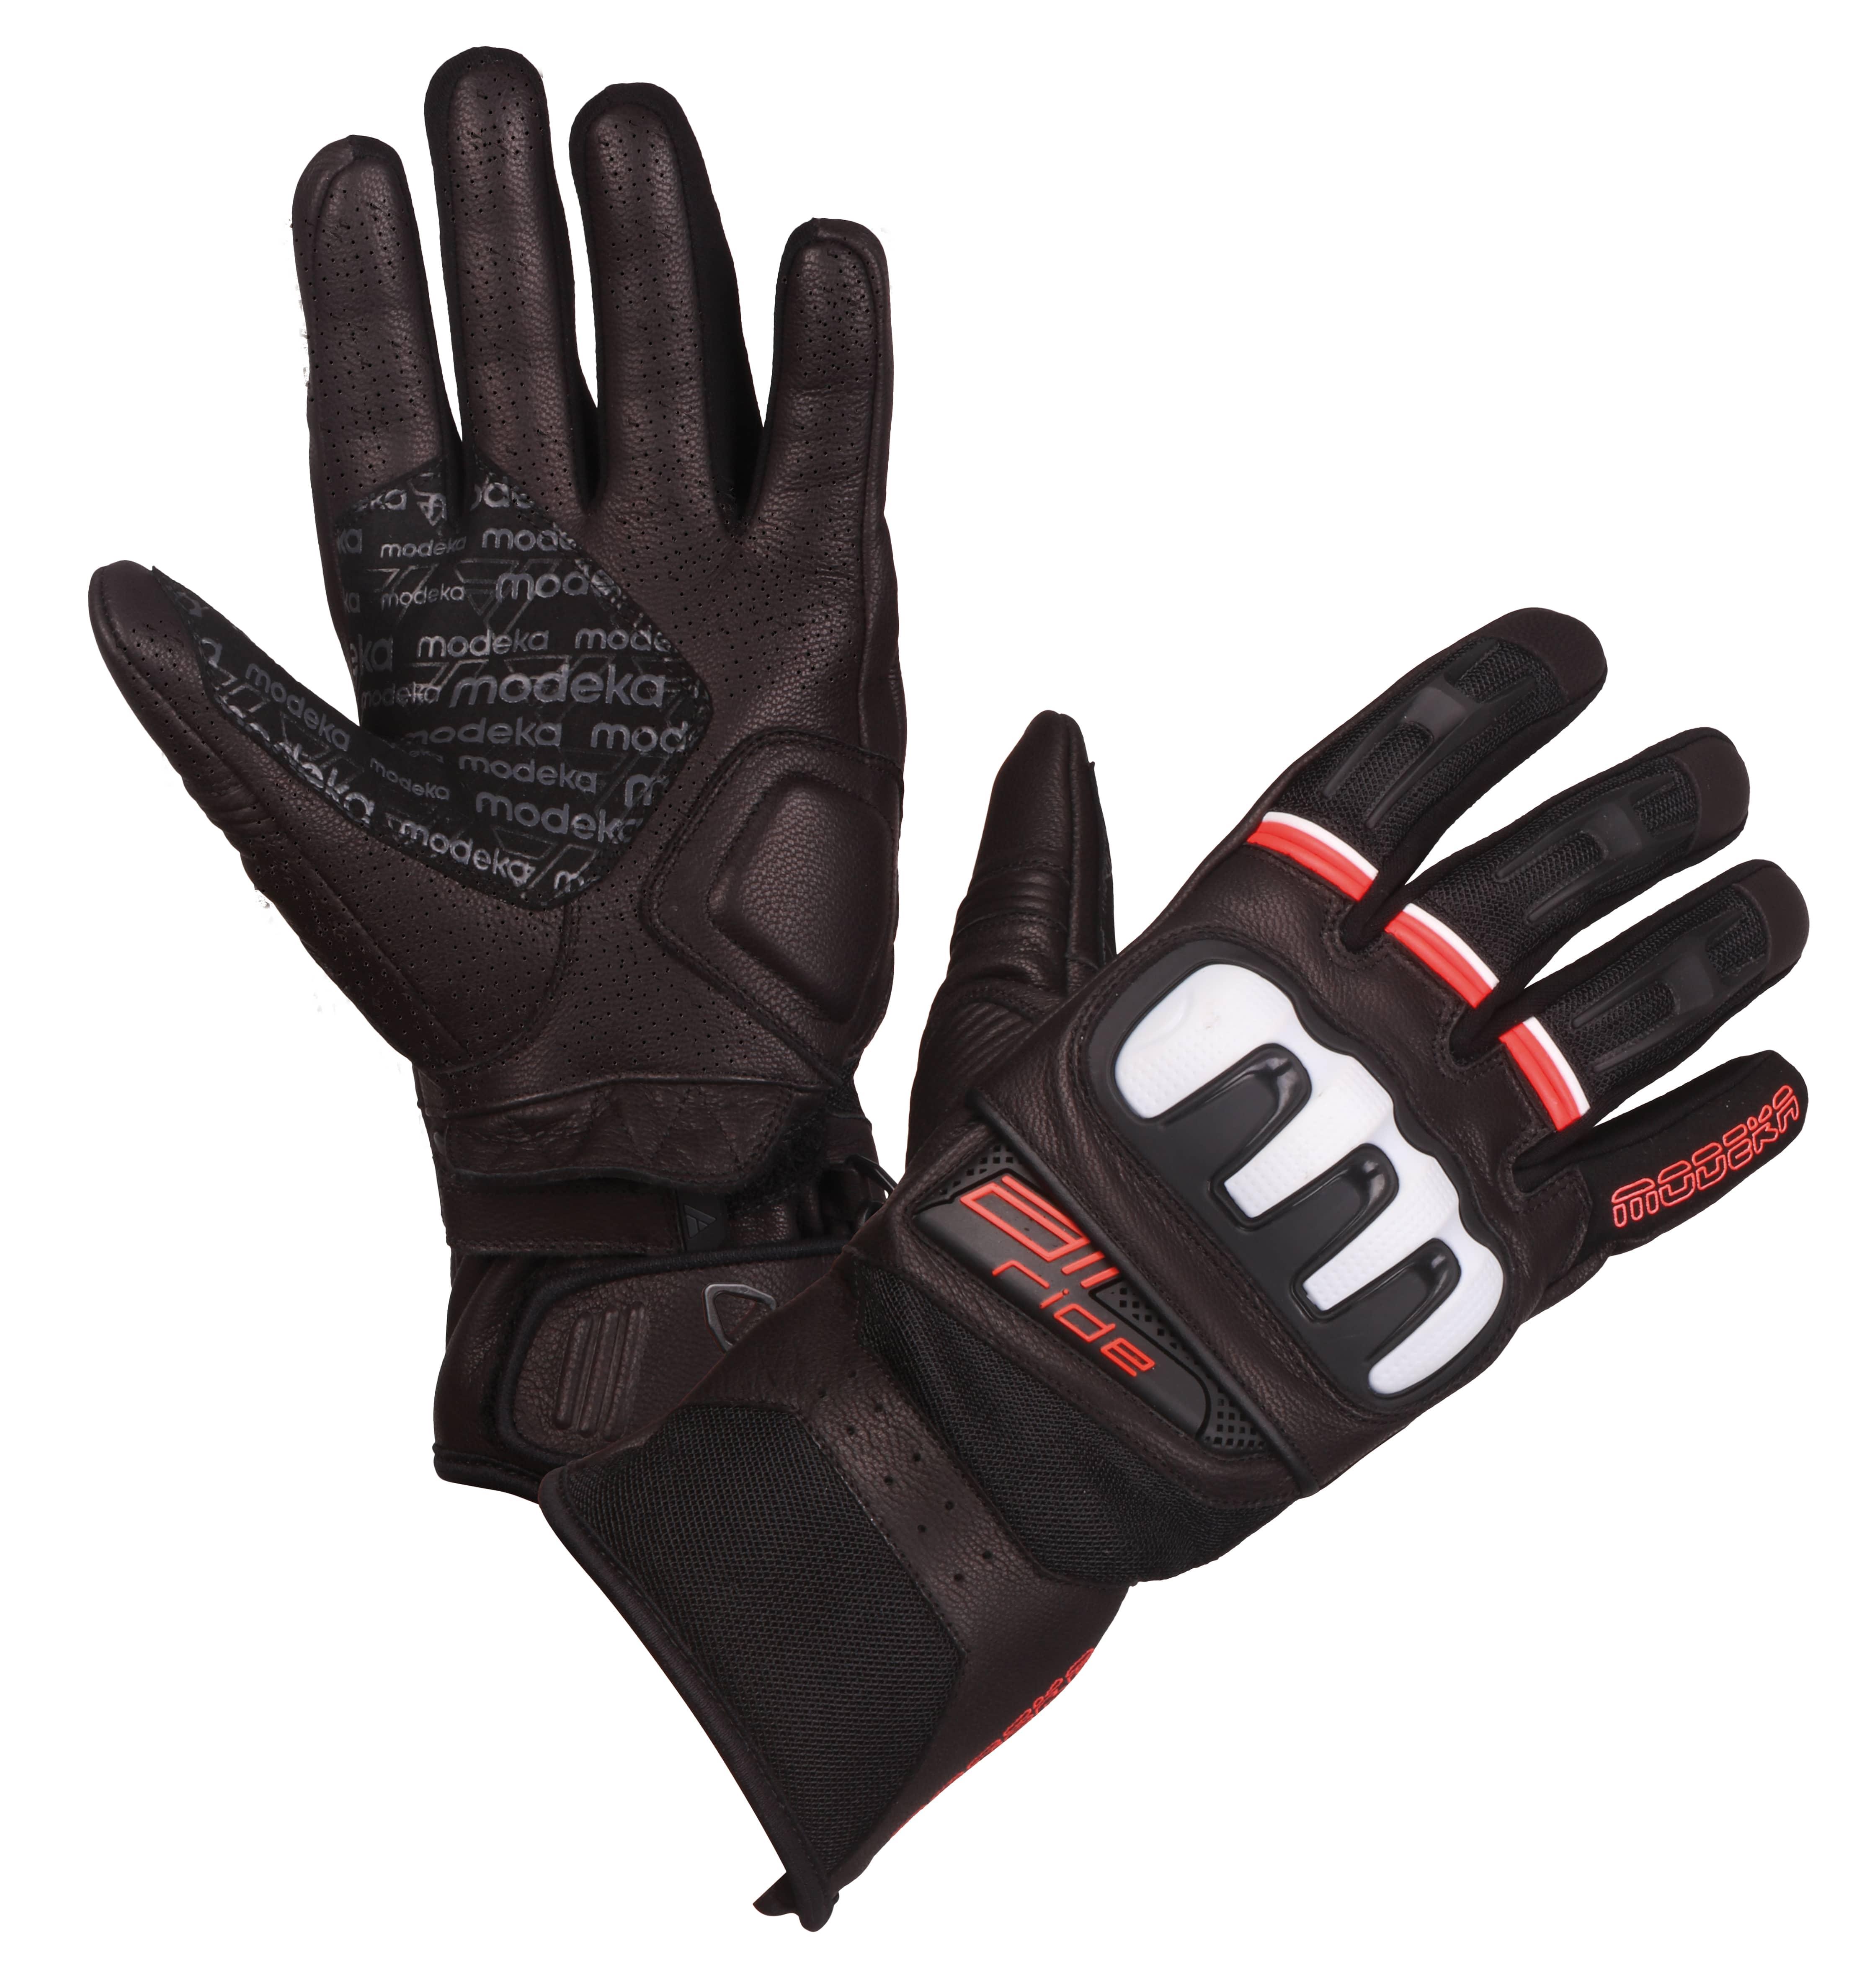 Modeka - Motocyklové rukavice Air Ride - Černá/Červená